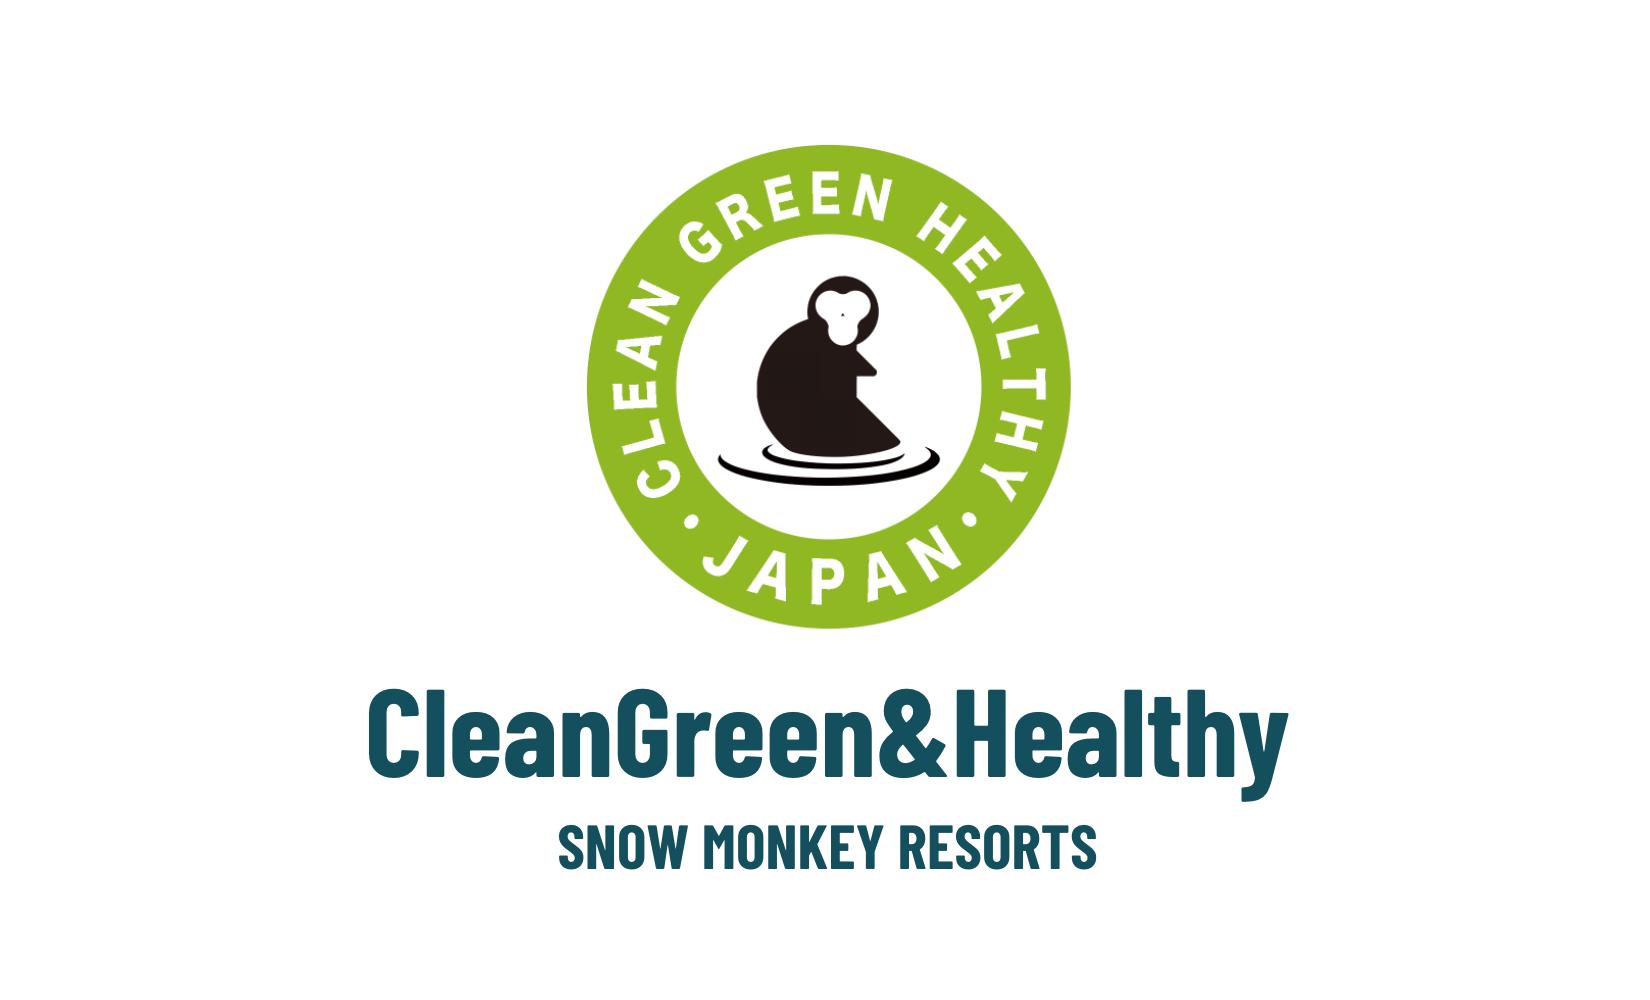 日本旅游 : 清洁绿色健康